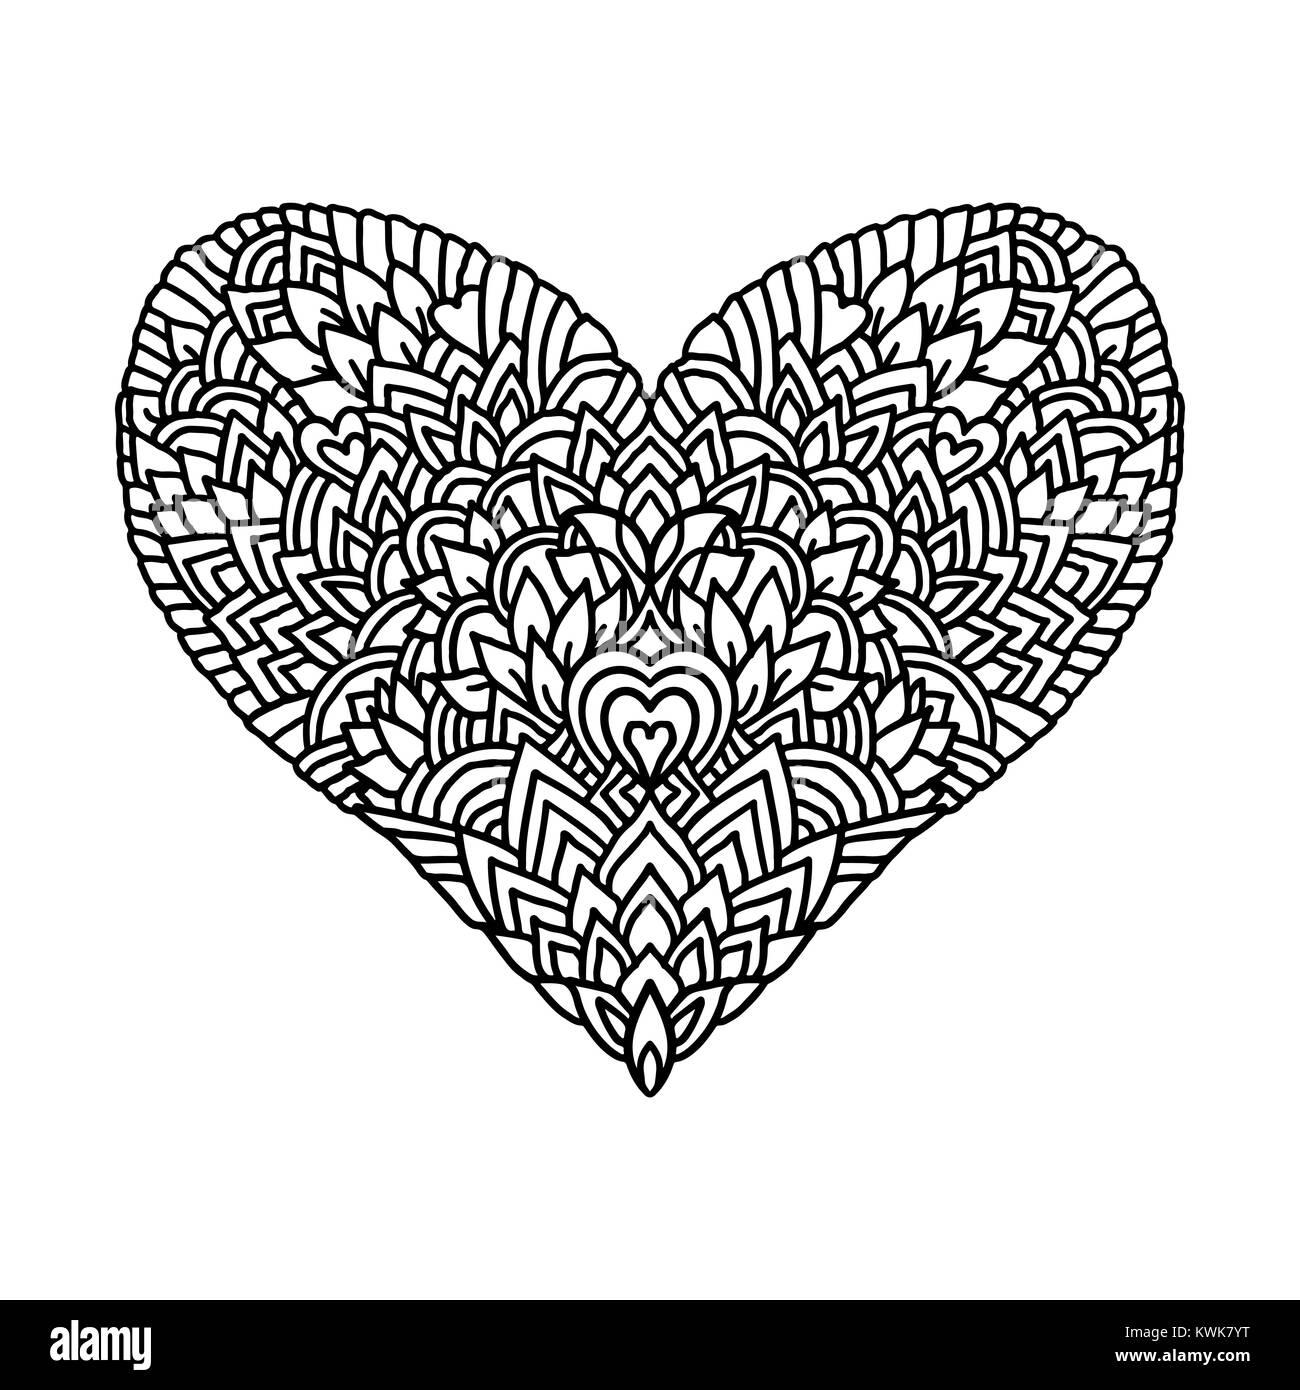 Zentangle Handdrawn Corazón Mandala De Estilo De Diseño Para El Día